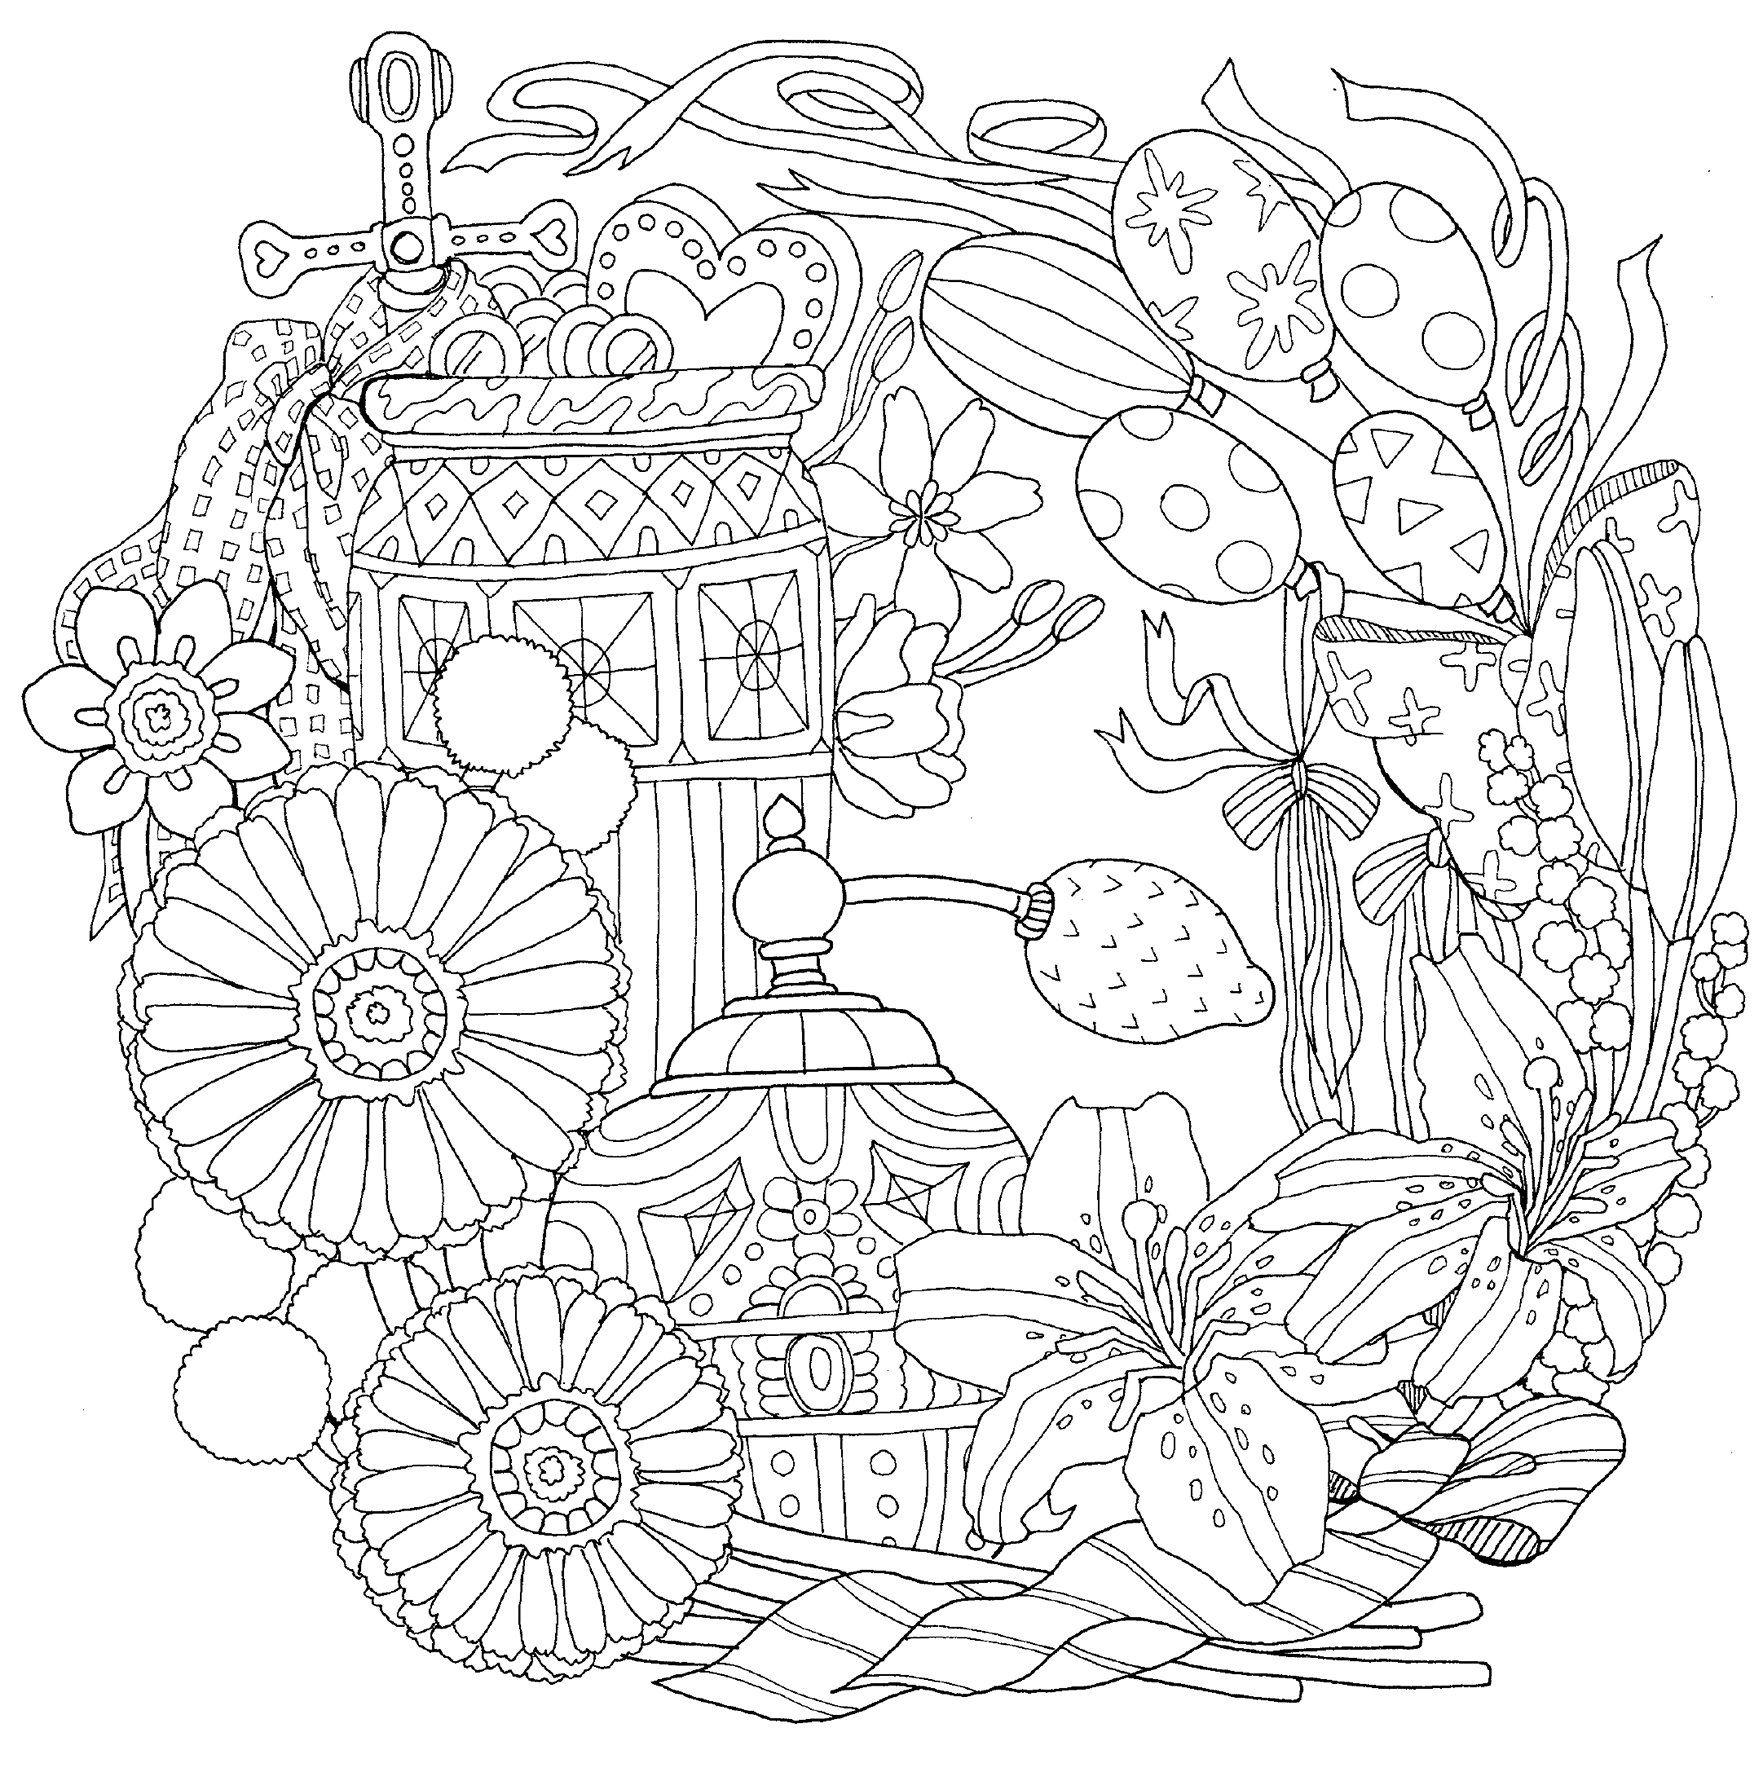 物語のある美しい塗り絵 ロマンチック・ジャーニー (大人の塗り絵